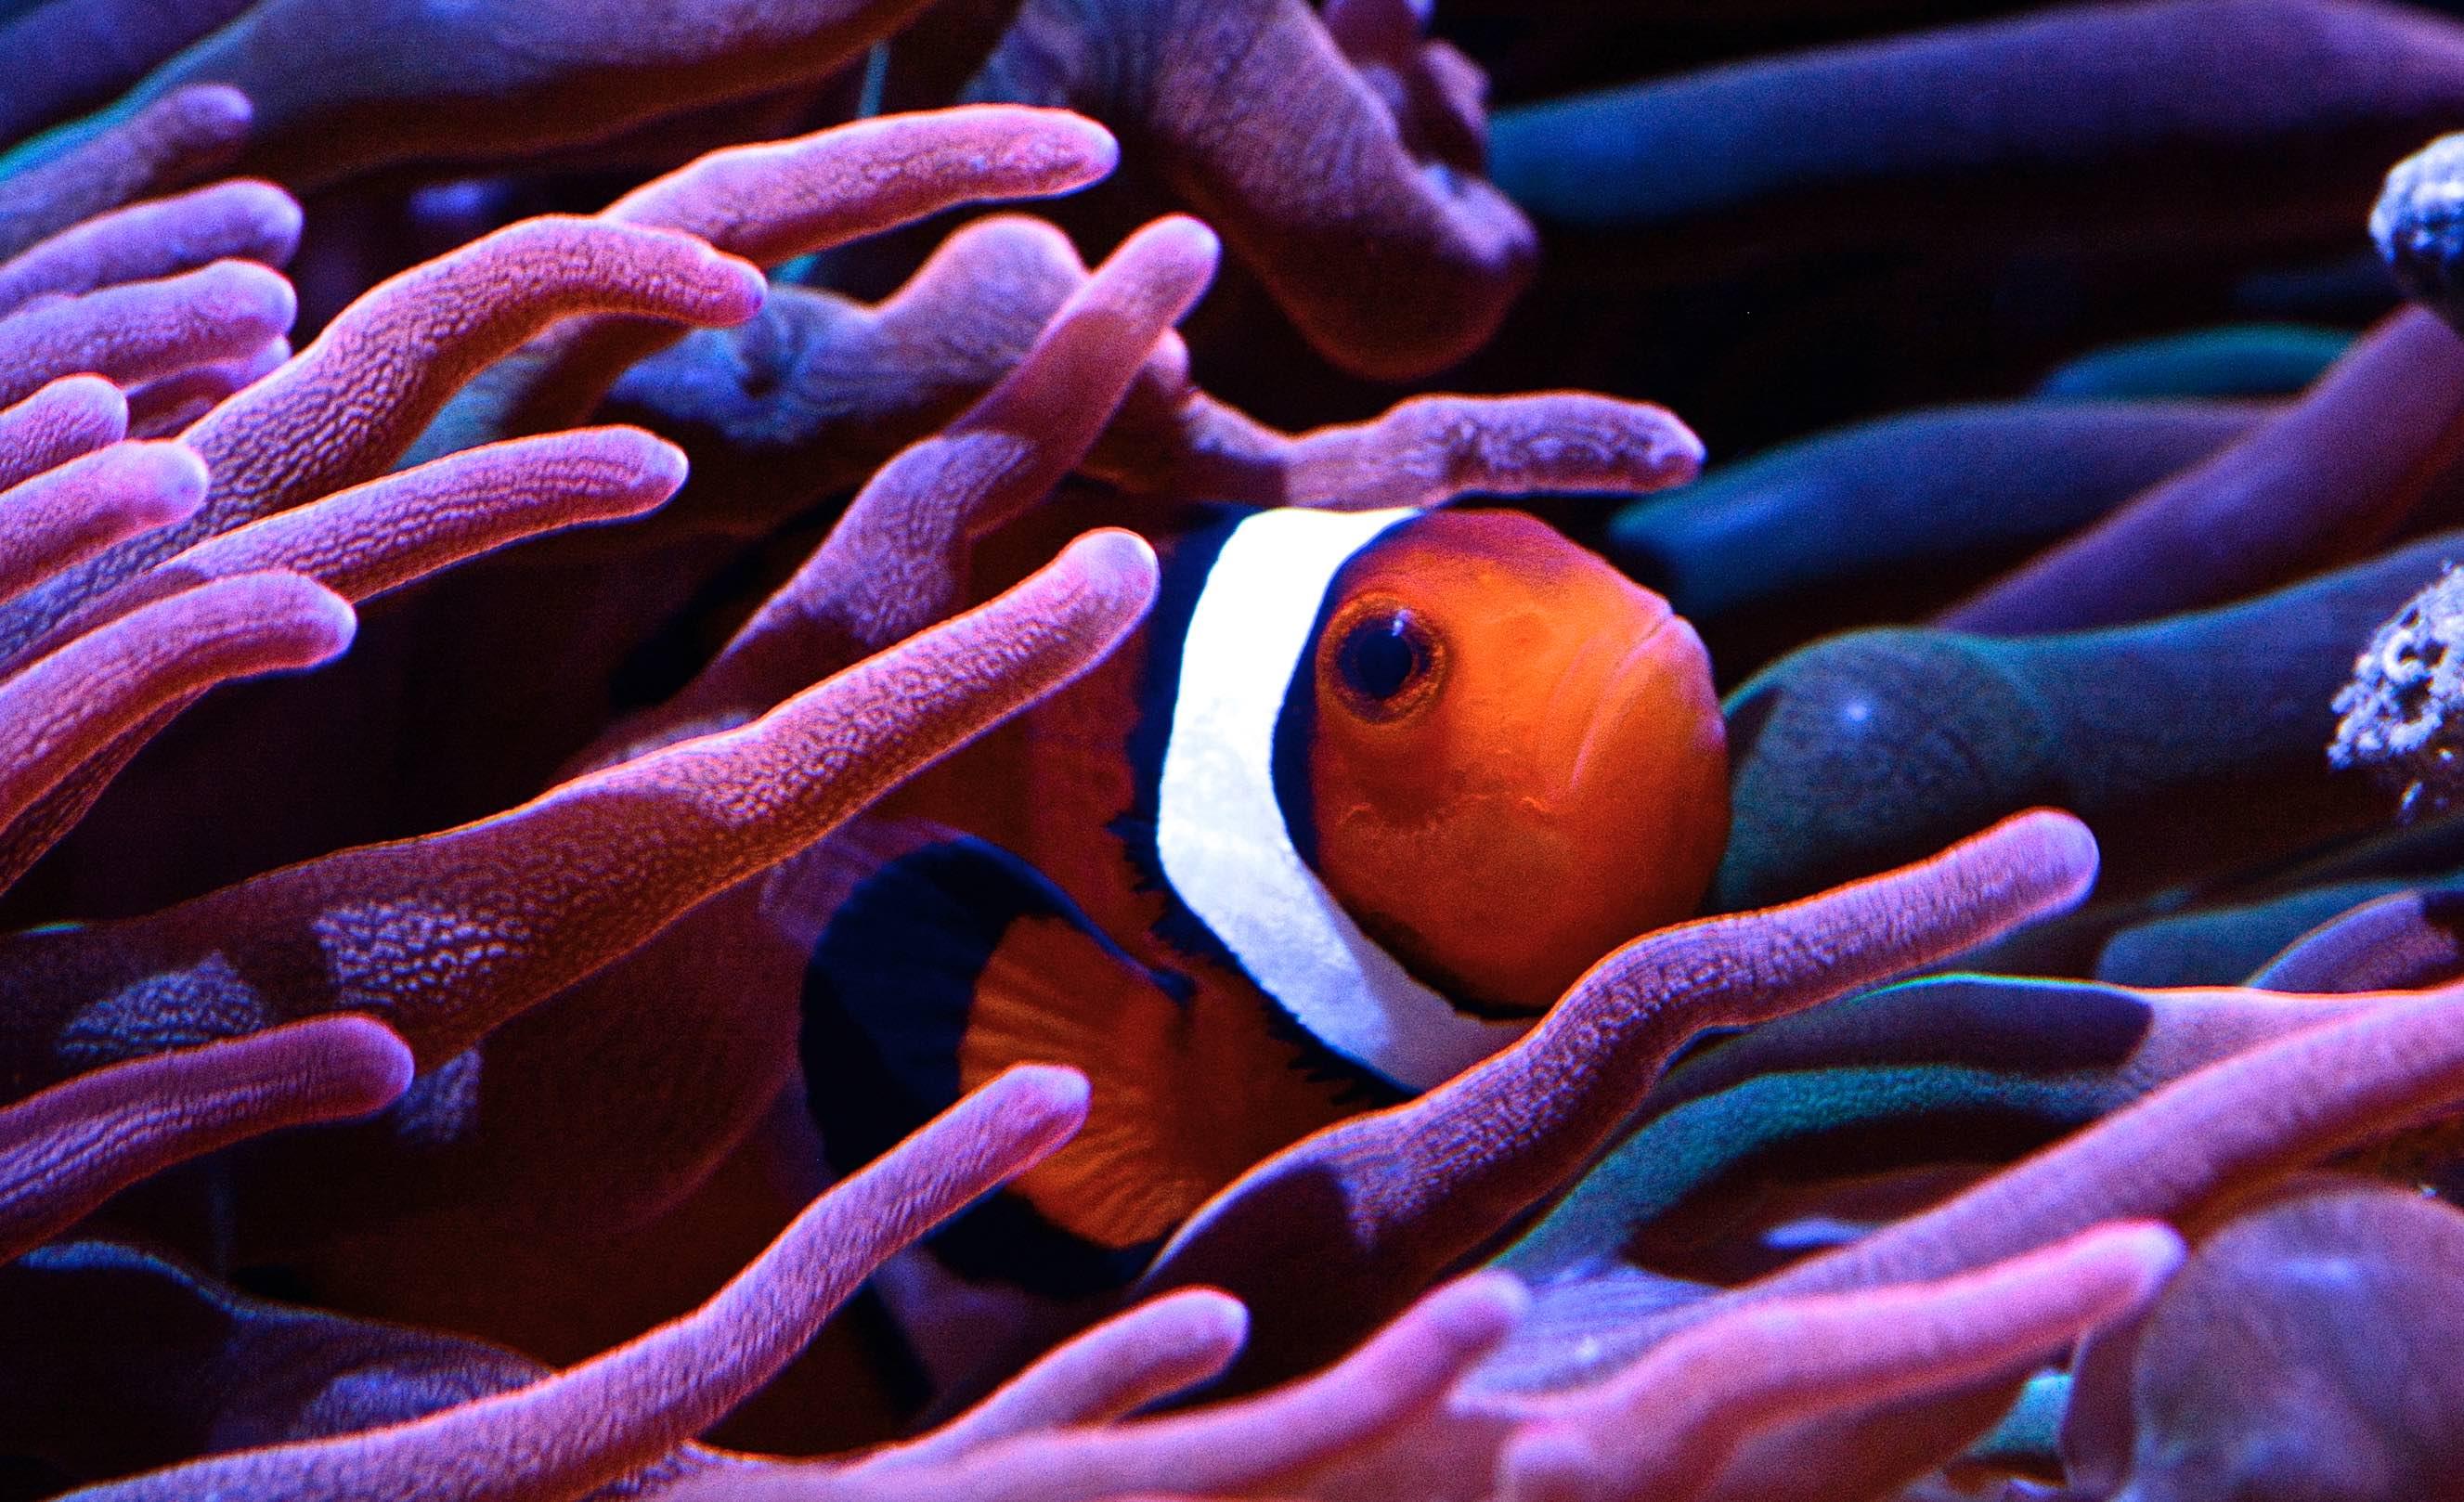 islatortugadivers.com cursos de buceo clownfish